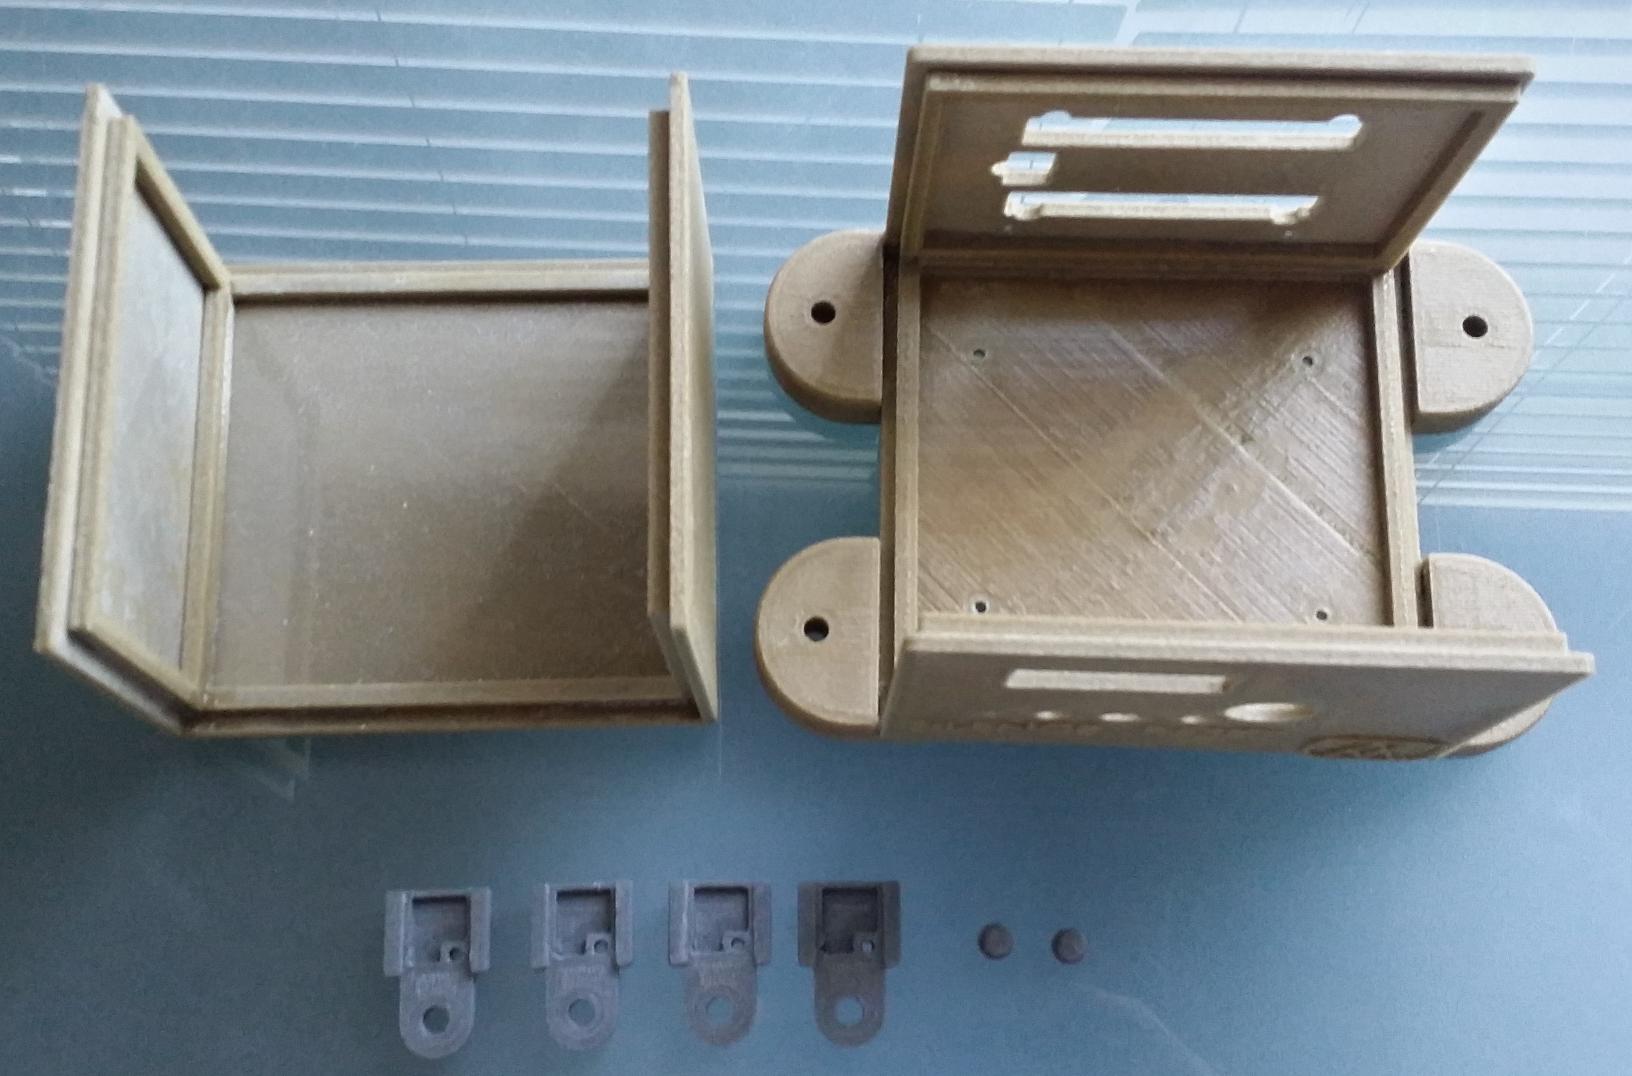 Printed Enclosure and Temperature Sensor Holders